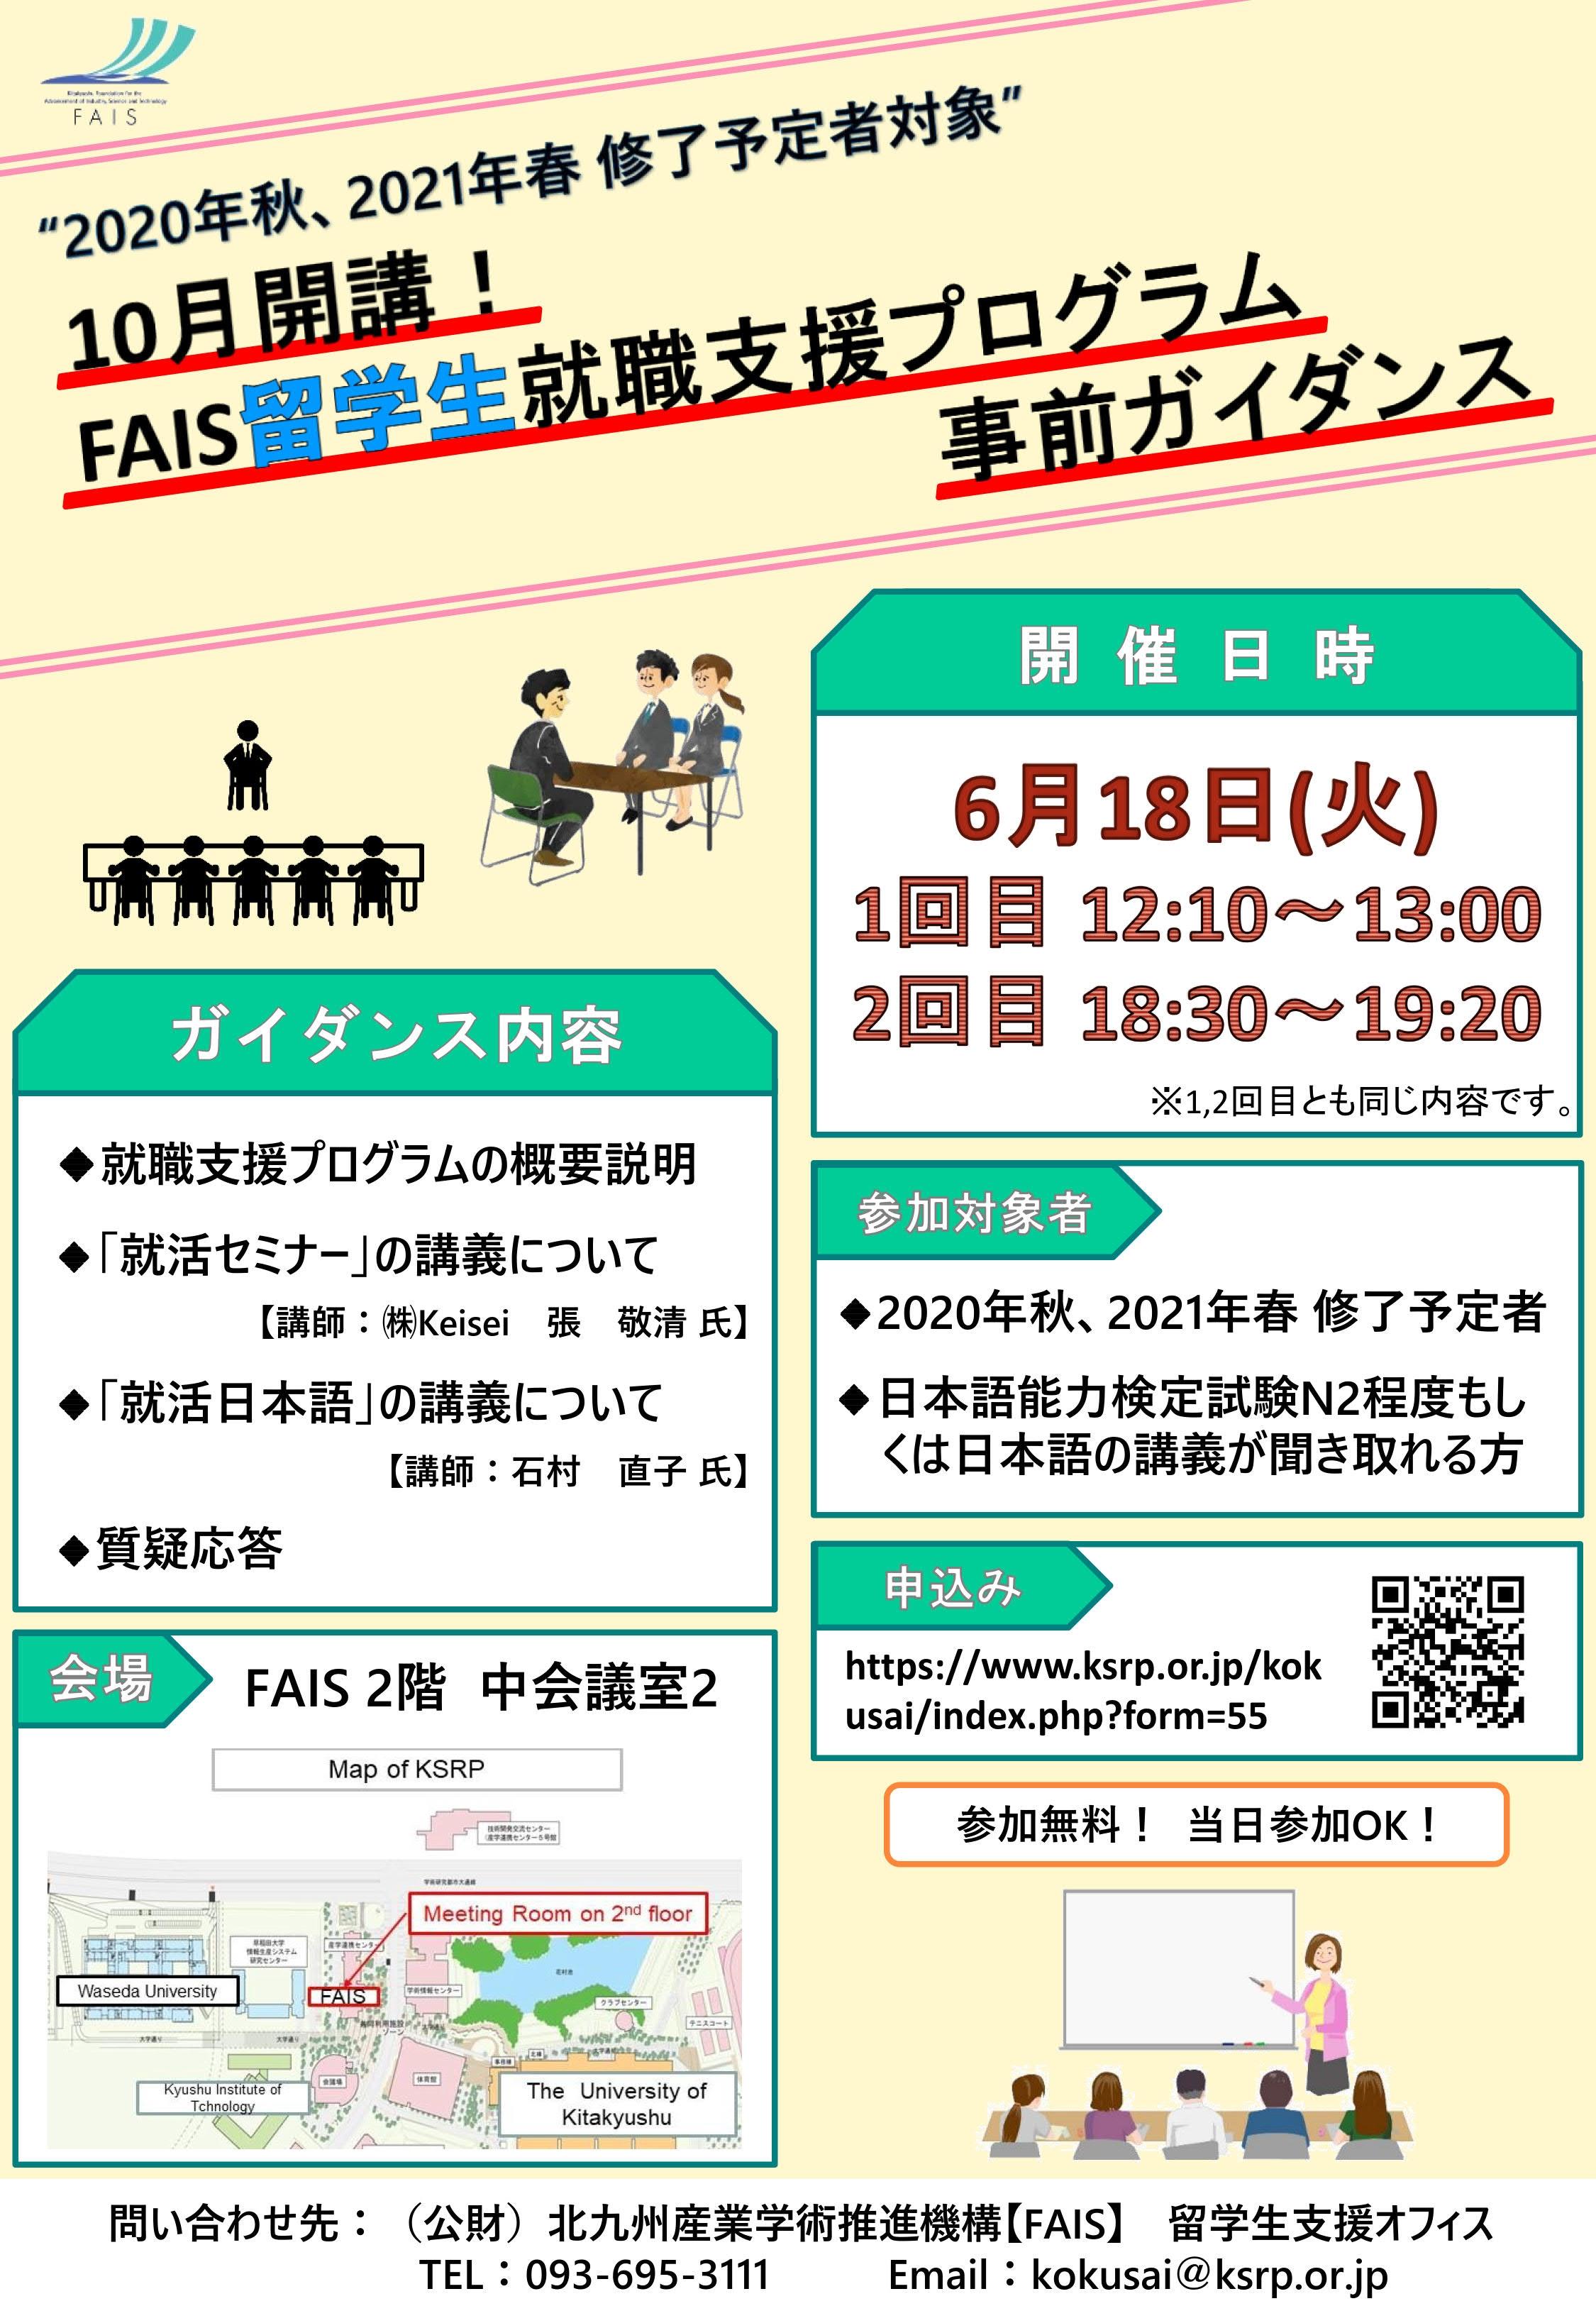 10月開講!FAIS留学生就職支援プログラム 事前ガイダンス